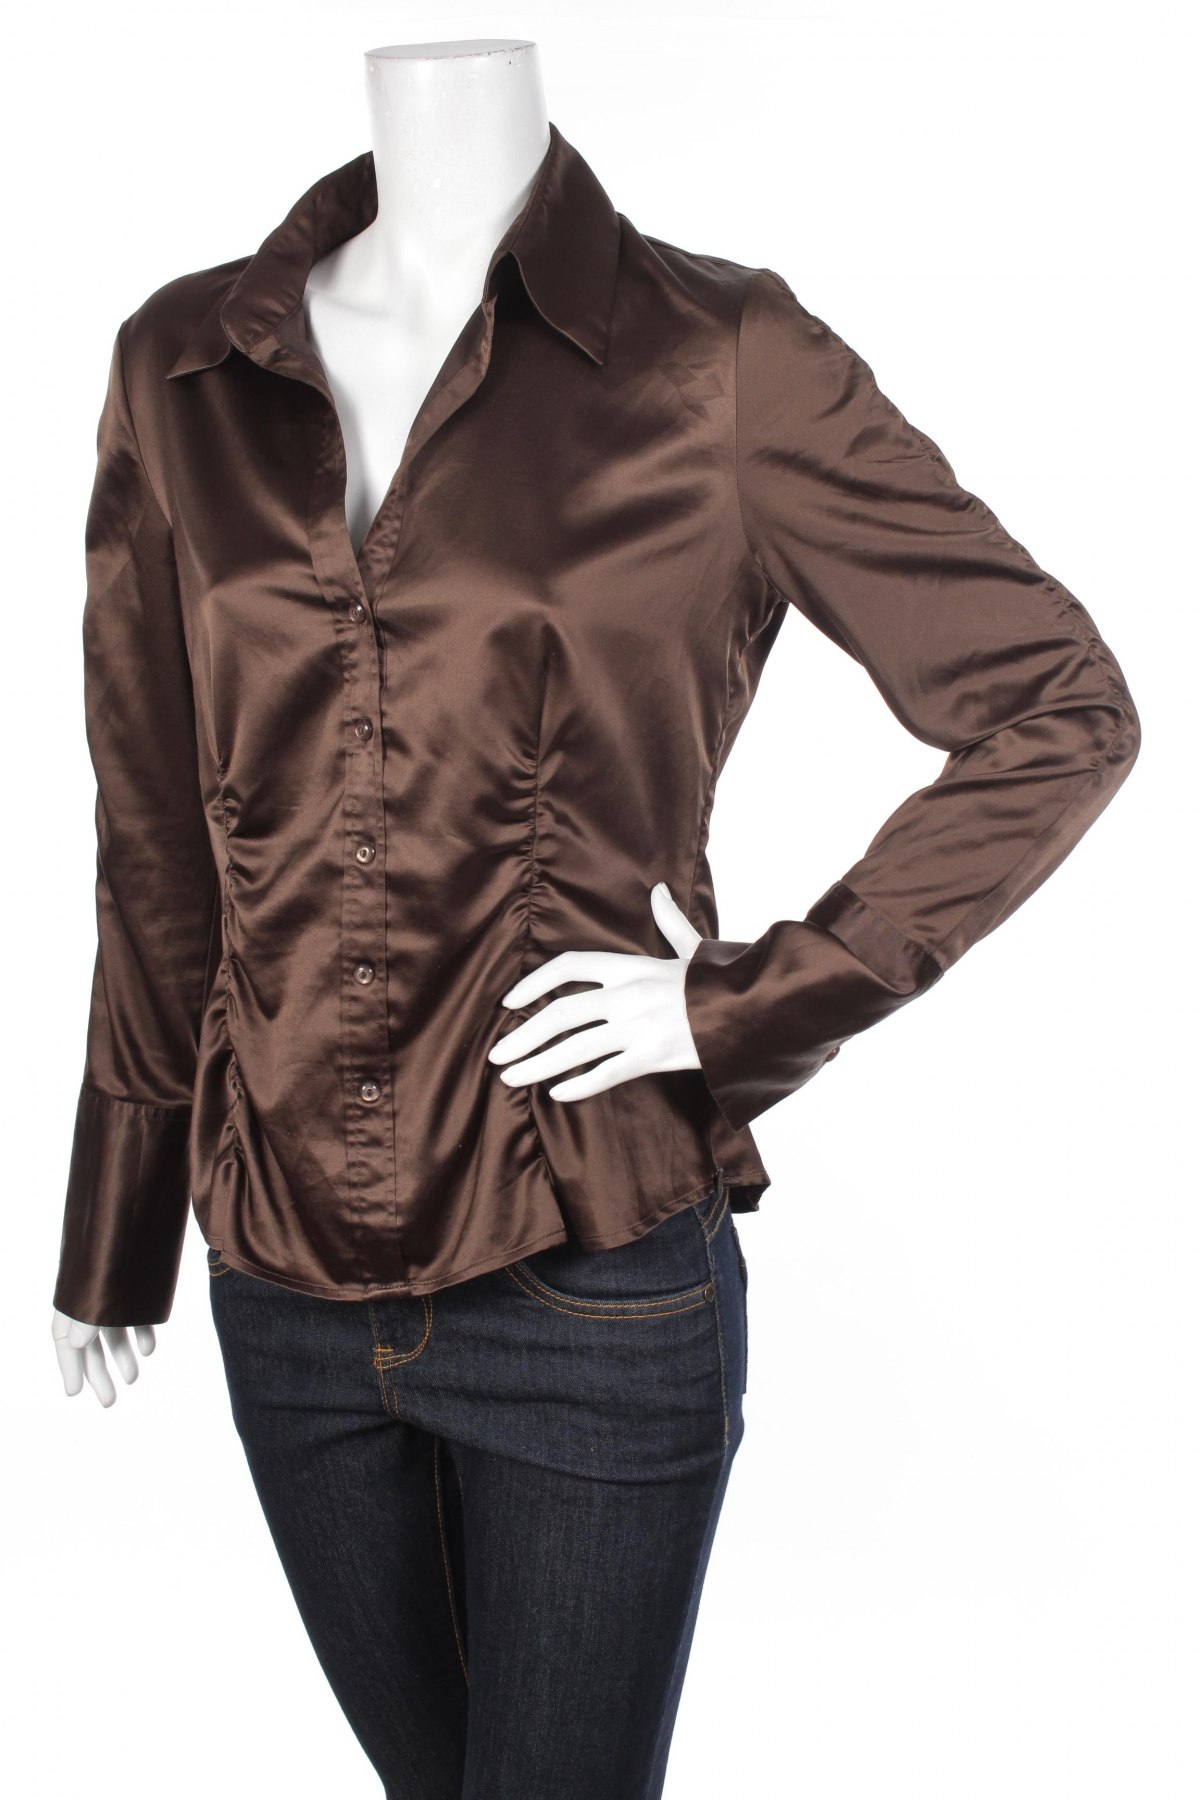 Γυναικείο πουκάμισο S.Oliver, Μέγεθος M, Χρώμα Καφέ, 97% πολυεστέρας, 3% ελαστάνη, Τιμή 13,61€